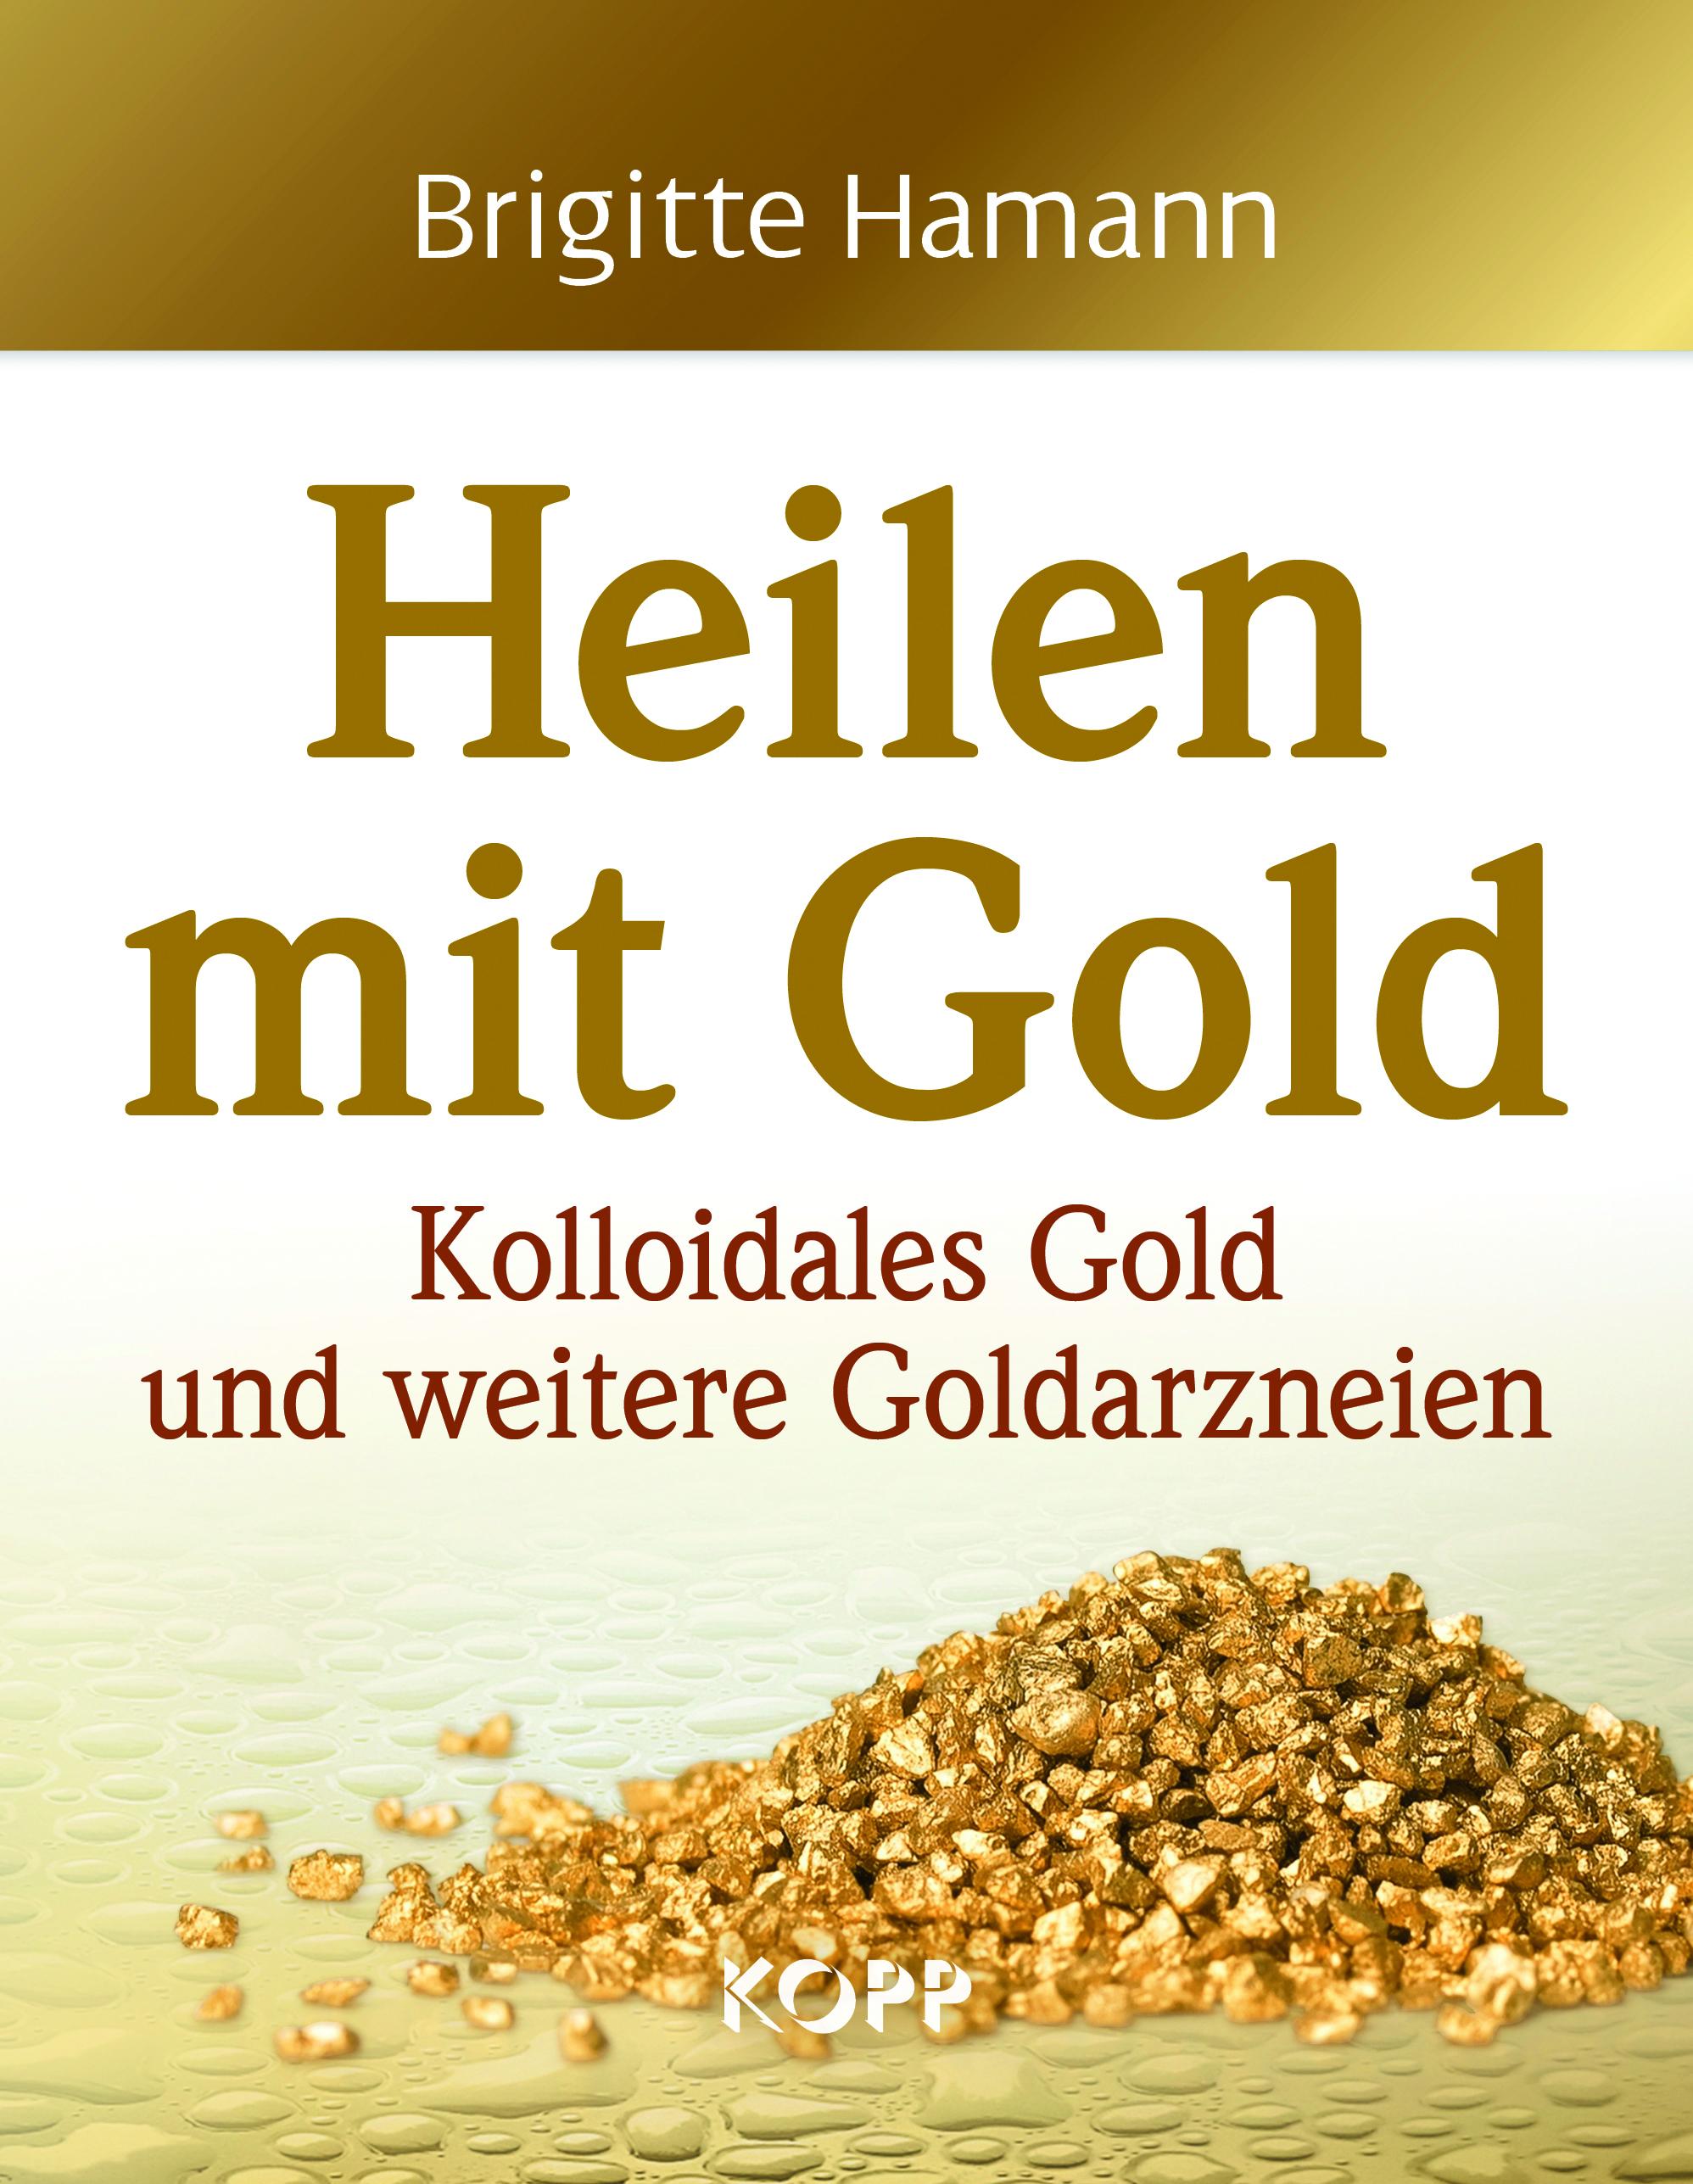 Heilen mit Gold - Buch Image